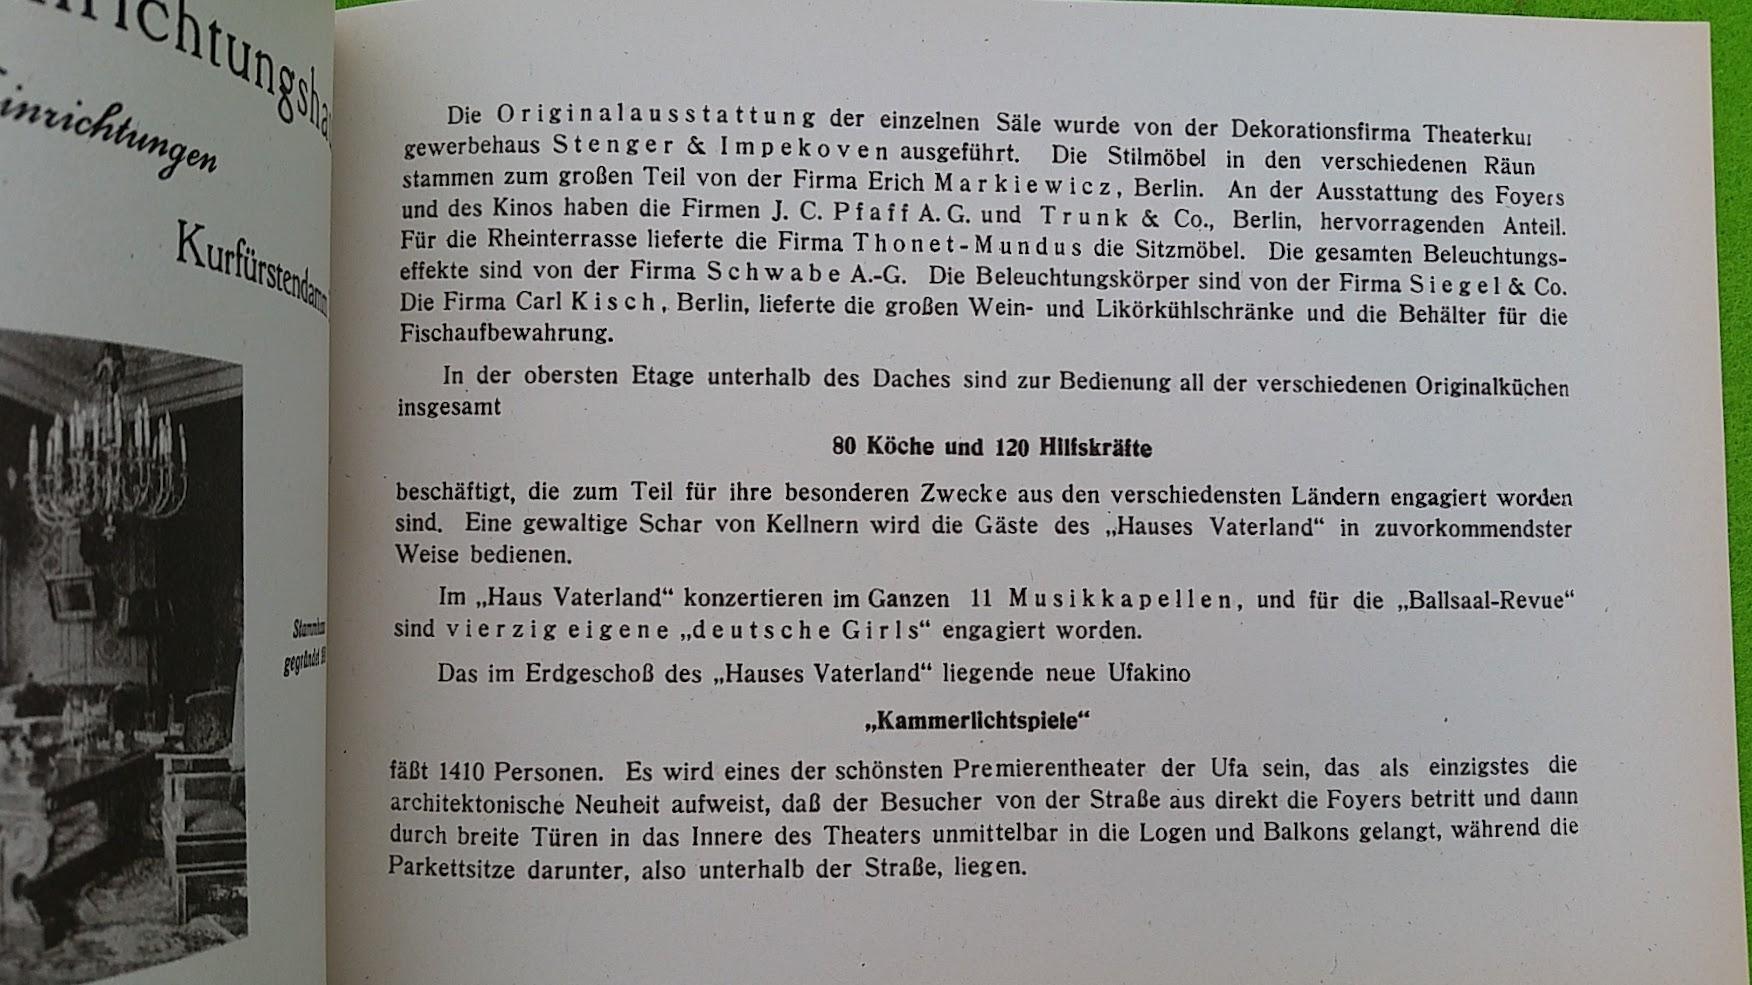 Begleitheft zur Eröffnung von Haus Vaterland am Potsdamer Platz, Berlin, 31. August 1928 - Köche und Kino